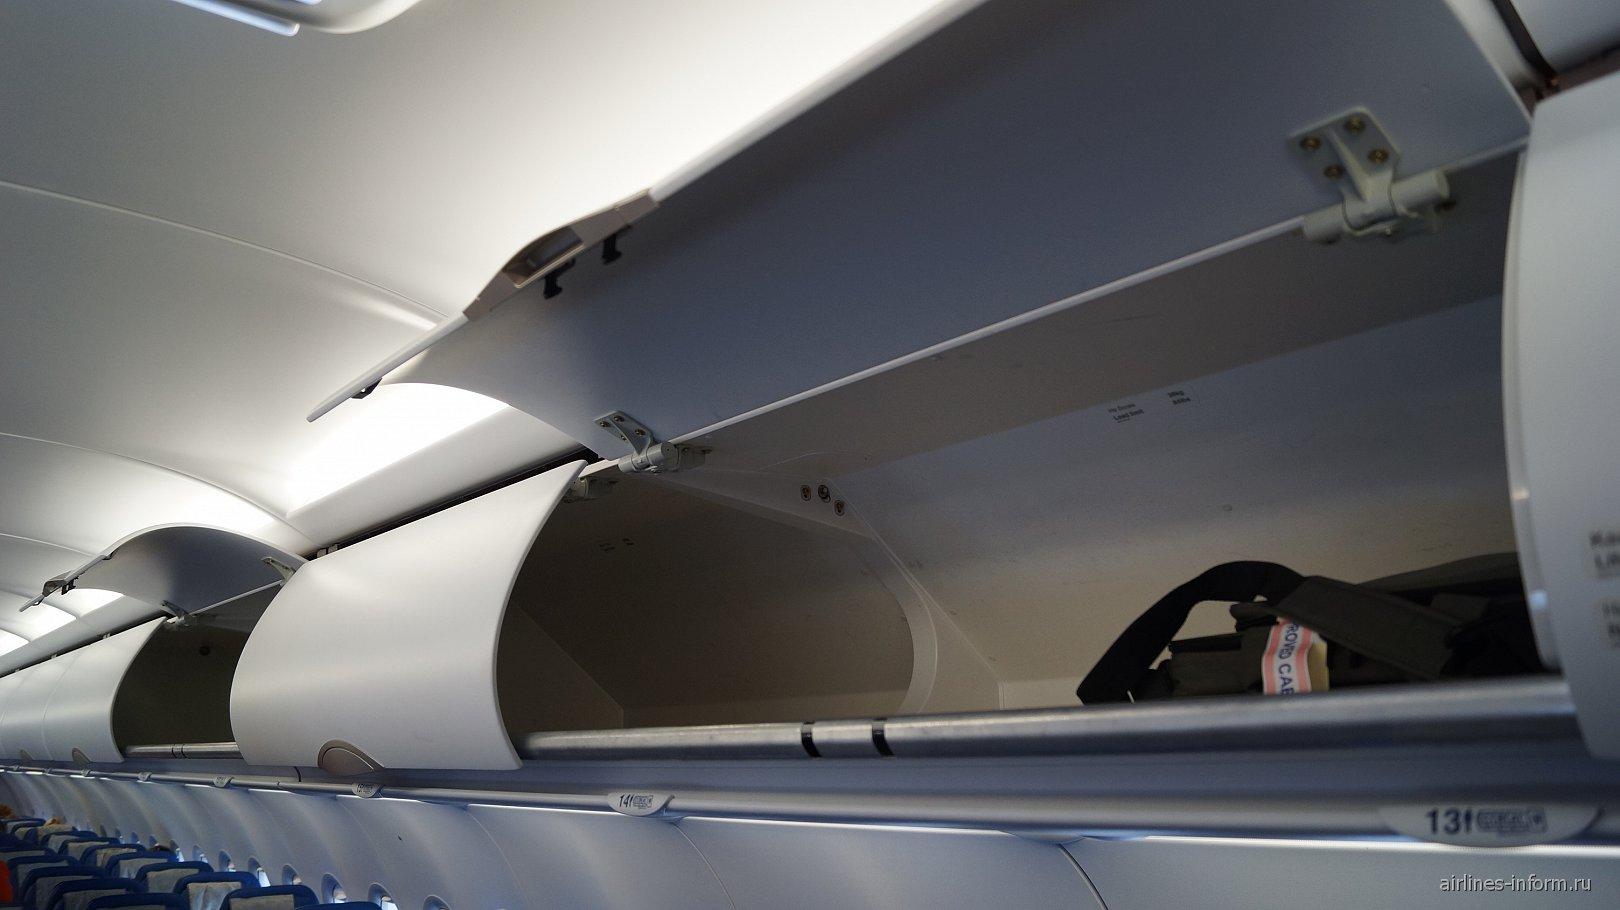 Багажные полки в самолете Airbus A320 Аэрофлота